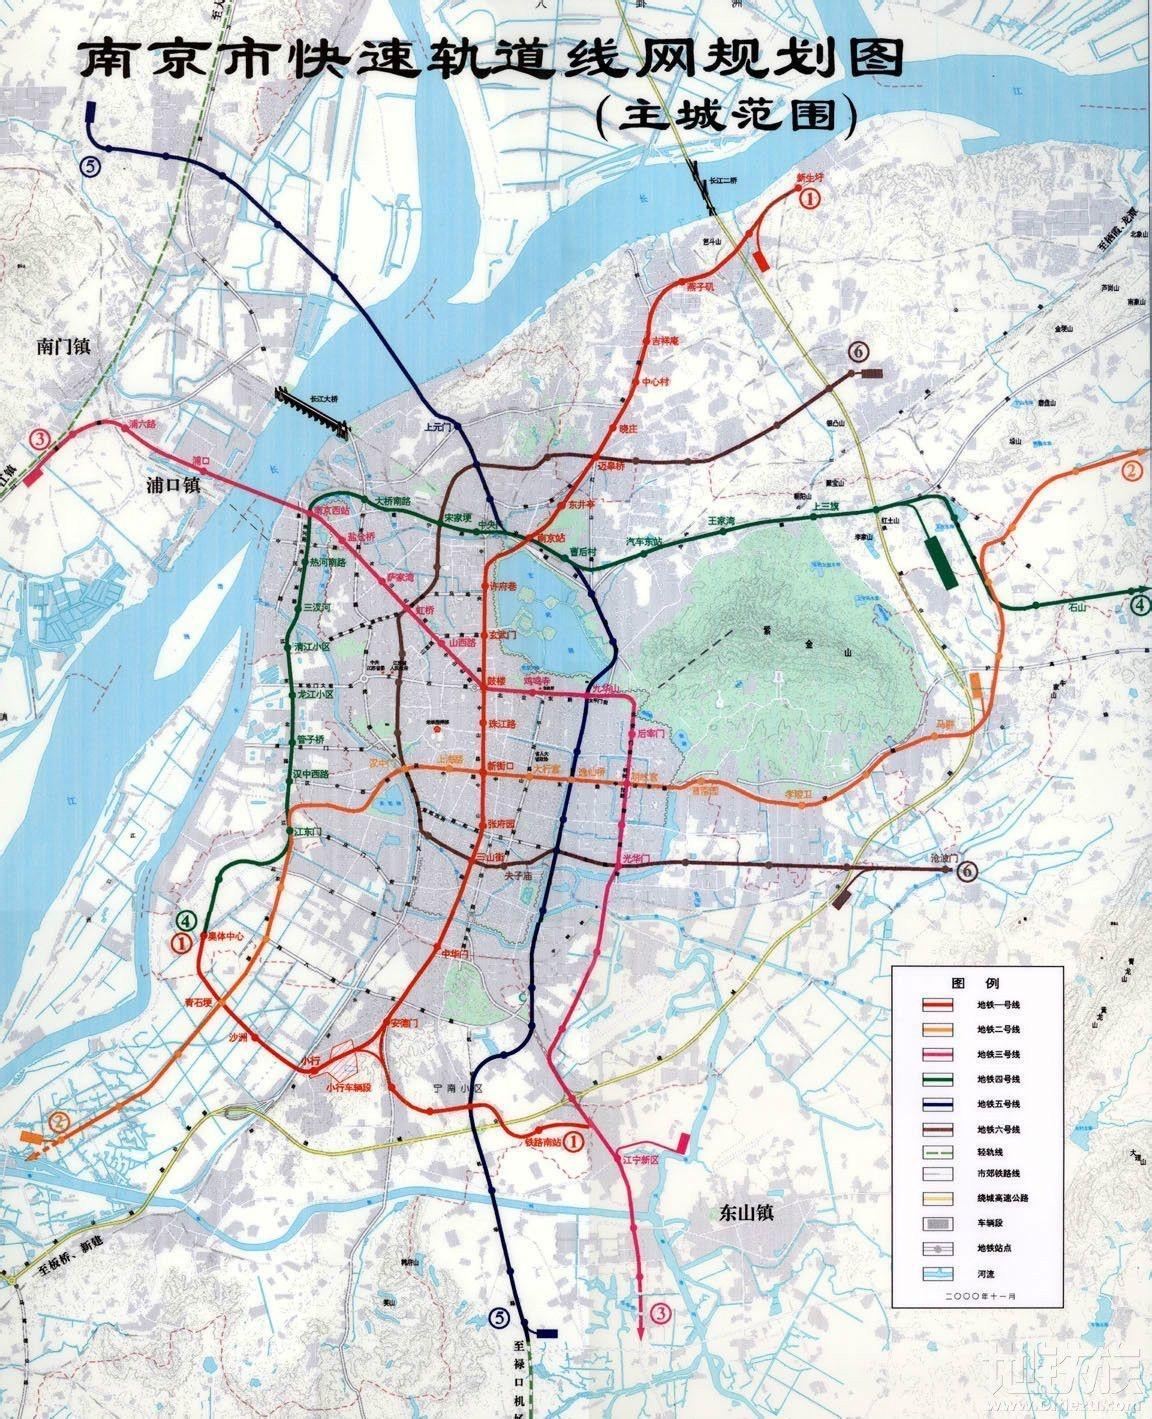 南京地铁1c�{�ޮg� �_2005年5月15日,南京地铁1号线开通观光运营.同年9月3日正式开通运营.